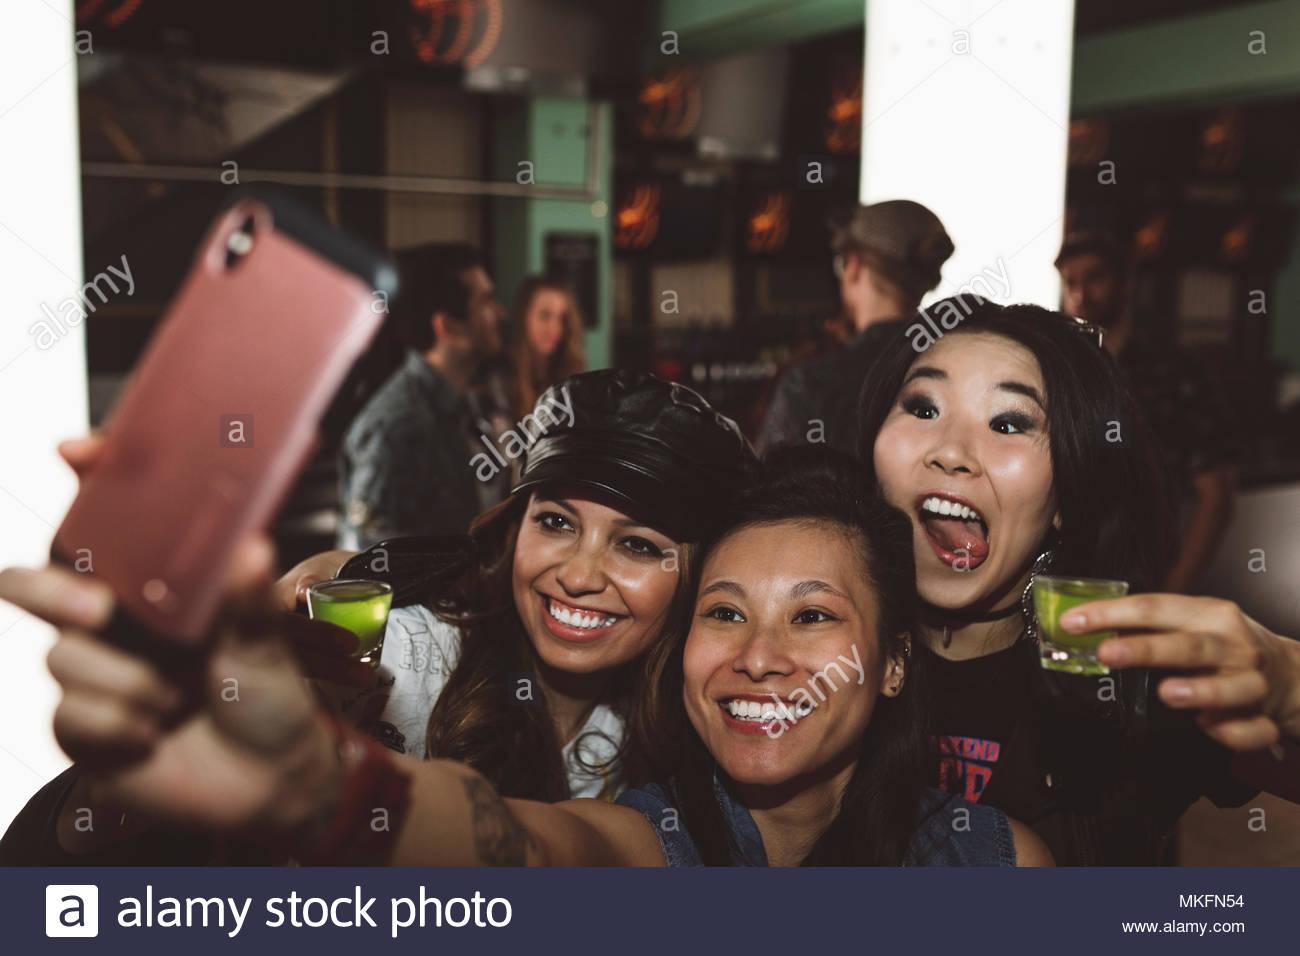 Juguetón, exuberantes hembras jóvenes amigos milenario tomando fotos y tomando selfie en discoteca Imagen De Stock